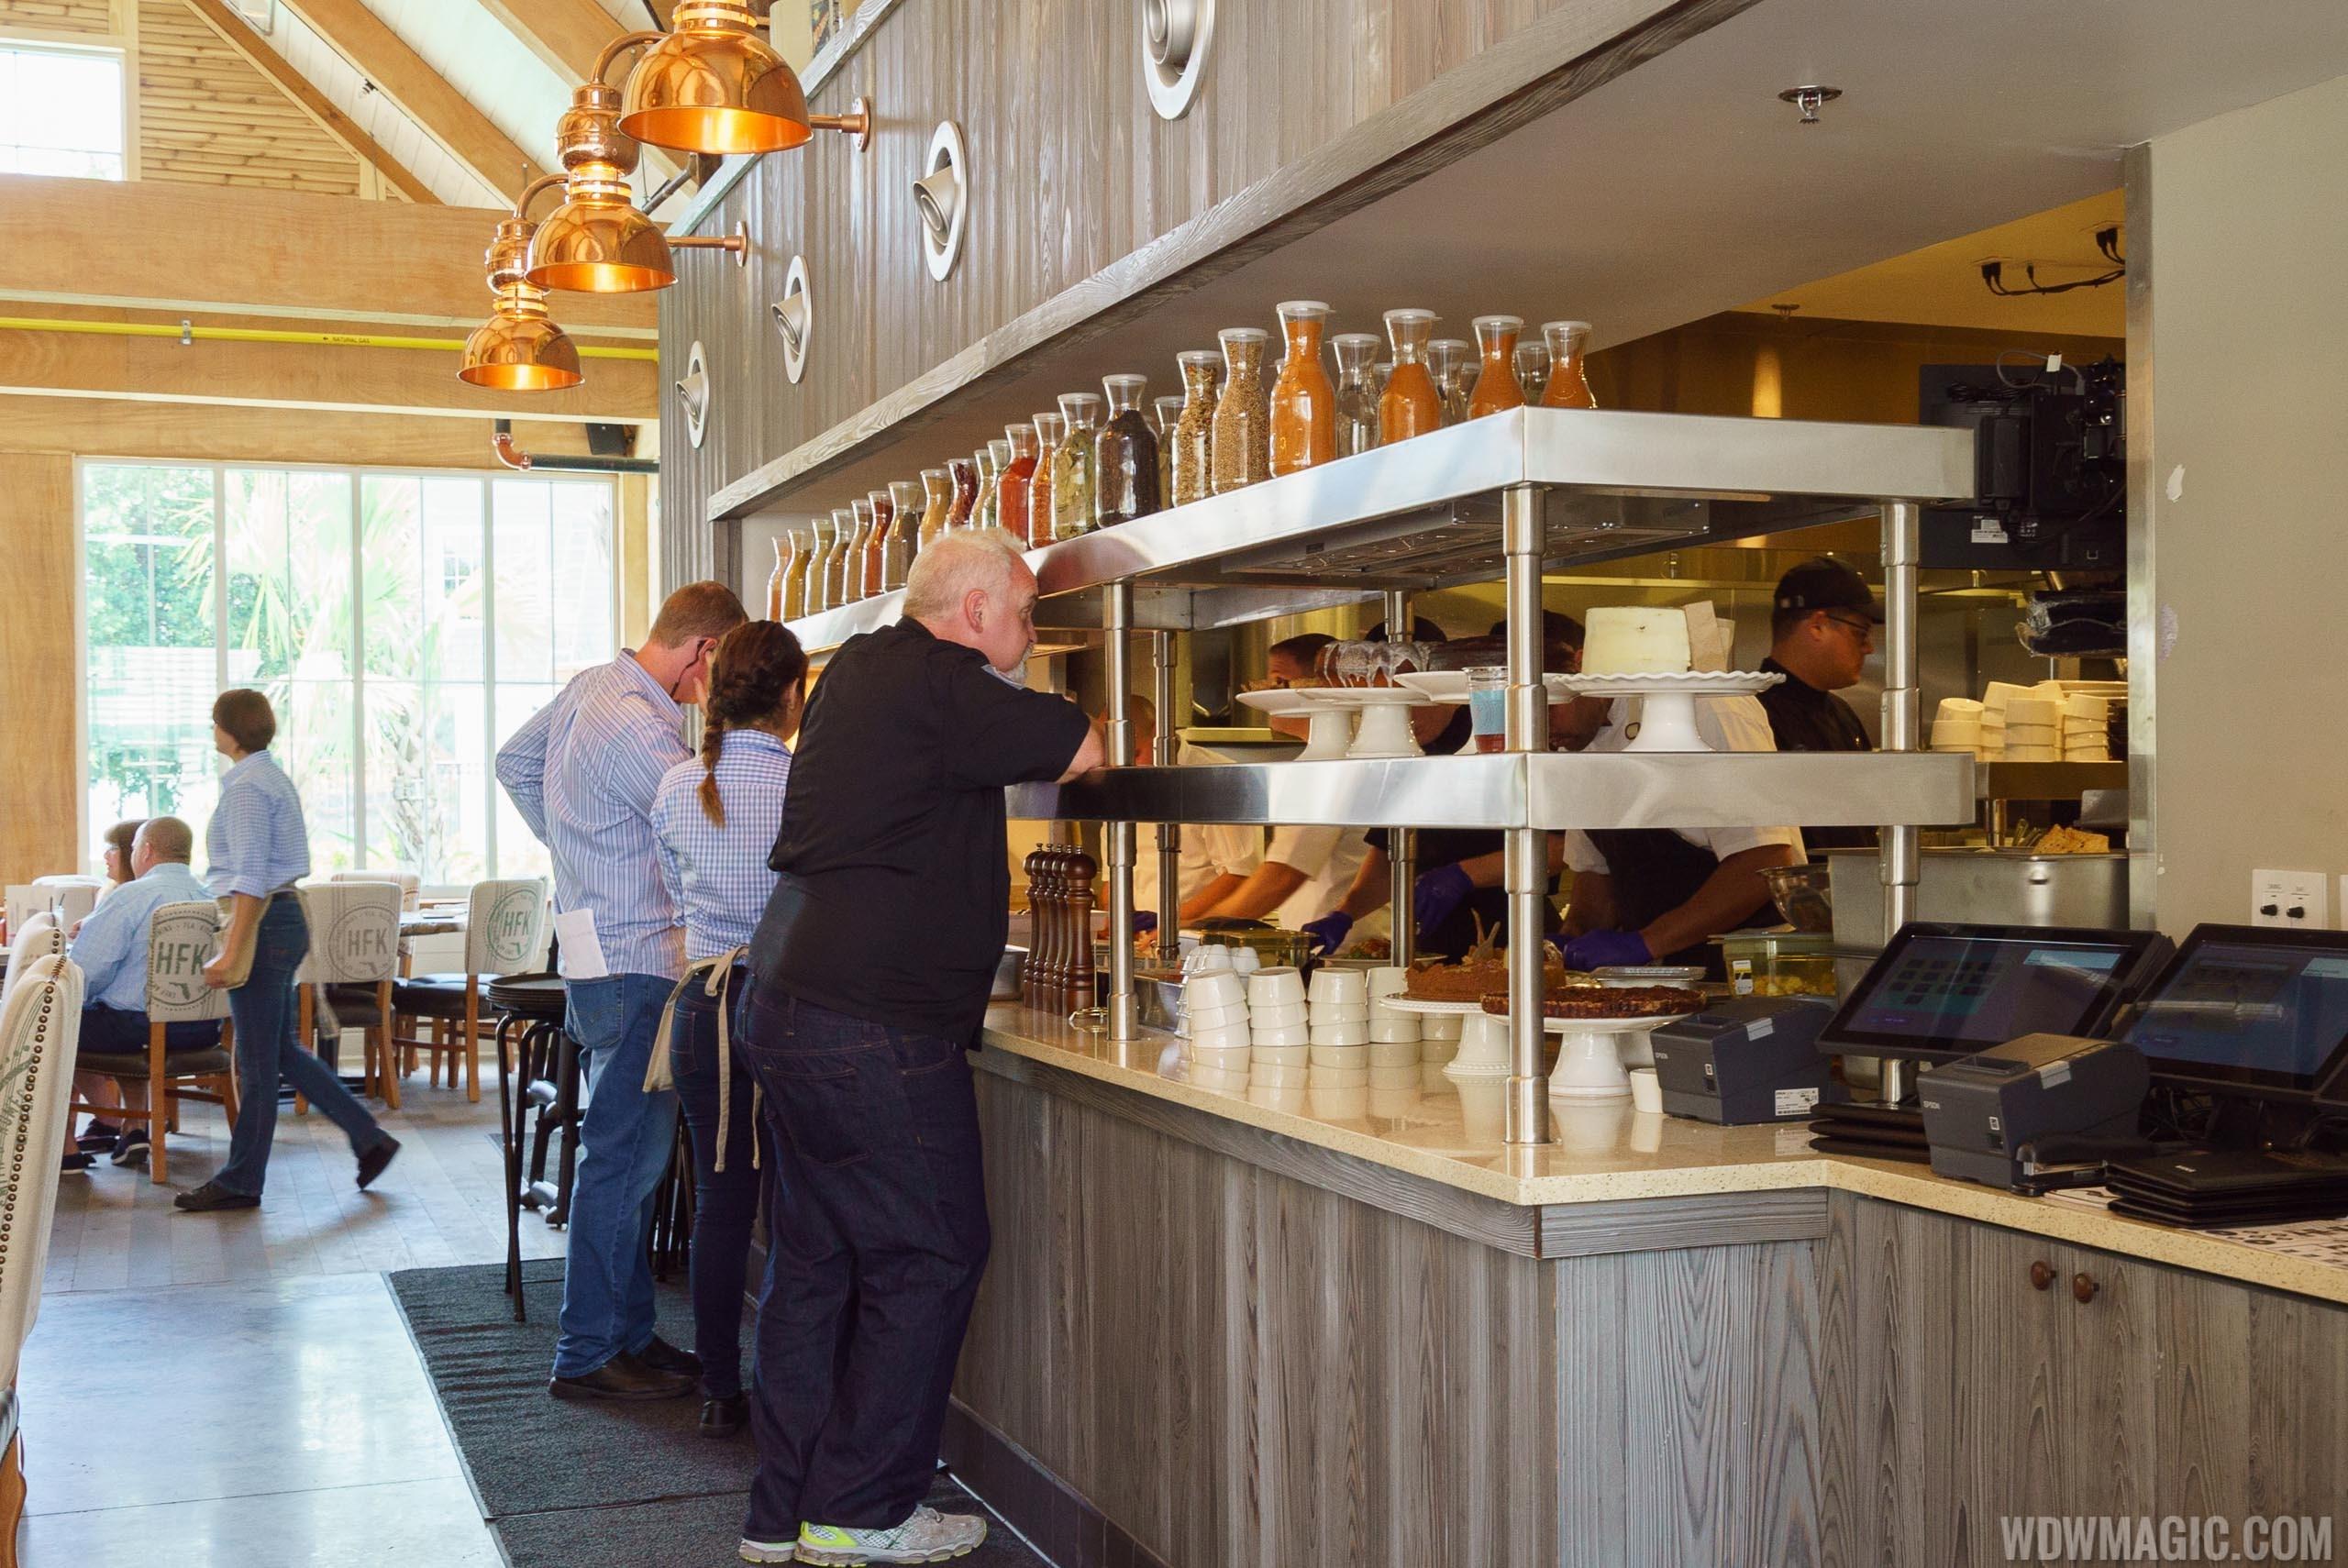 Restaurant Kitchen Pass unique restaurant kitchen pass pima language features a fusion of